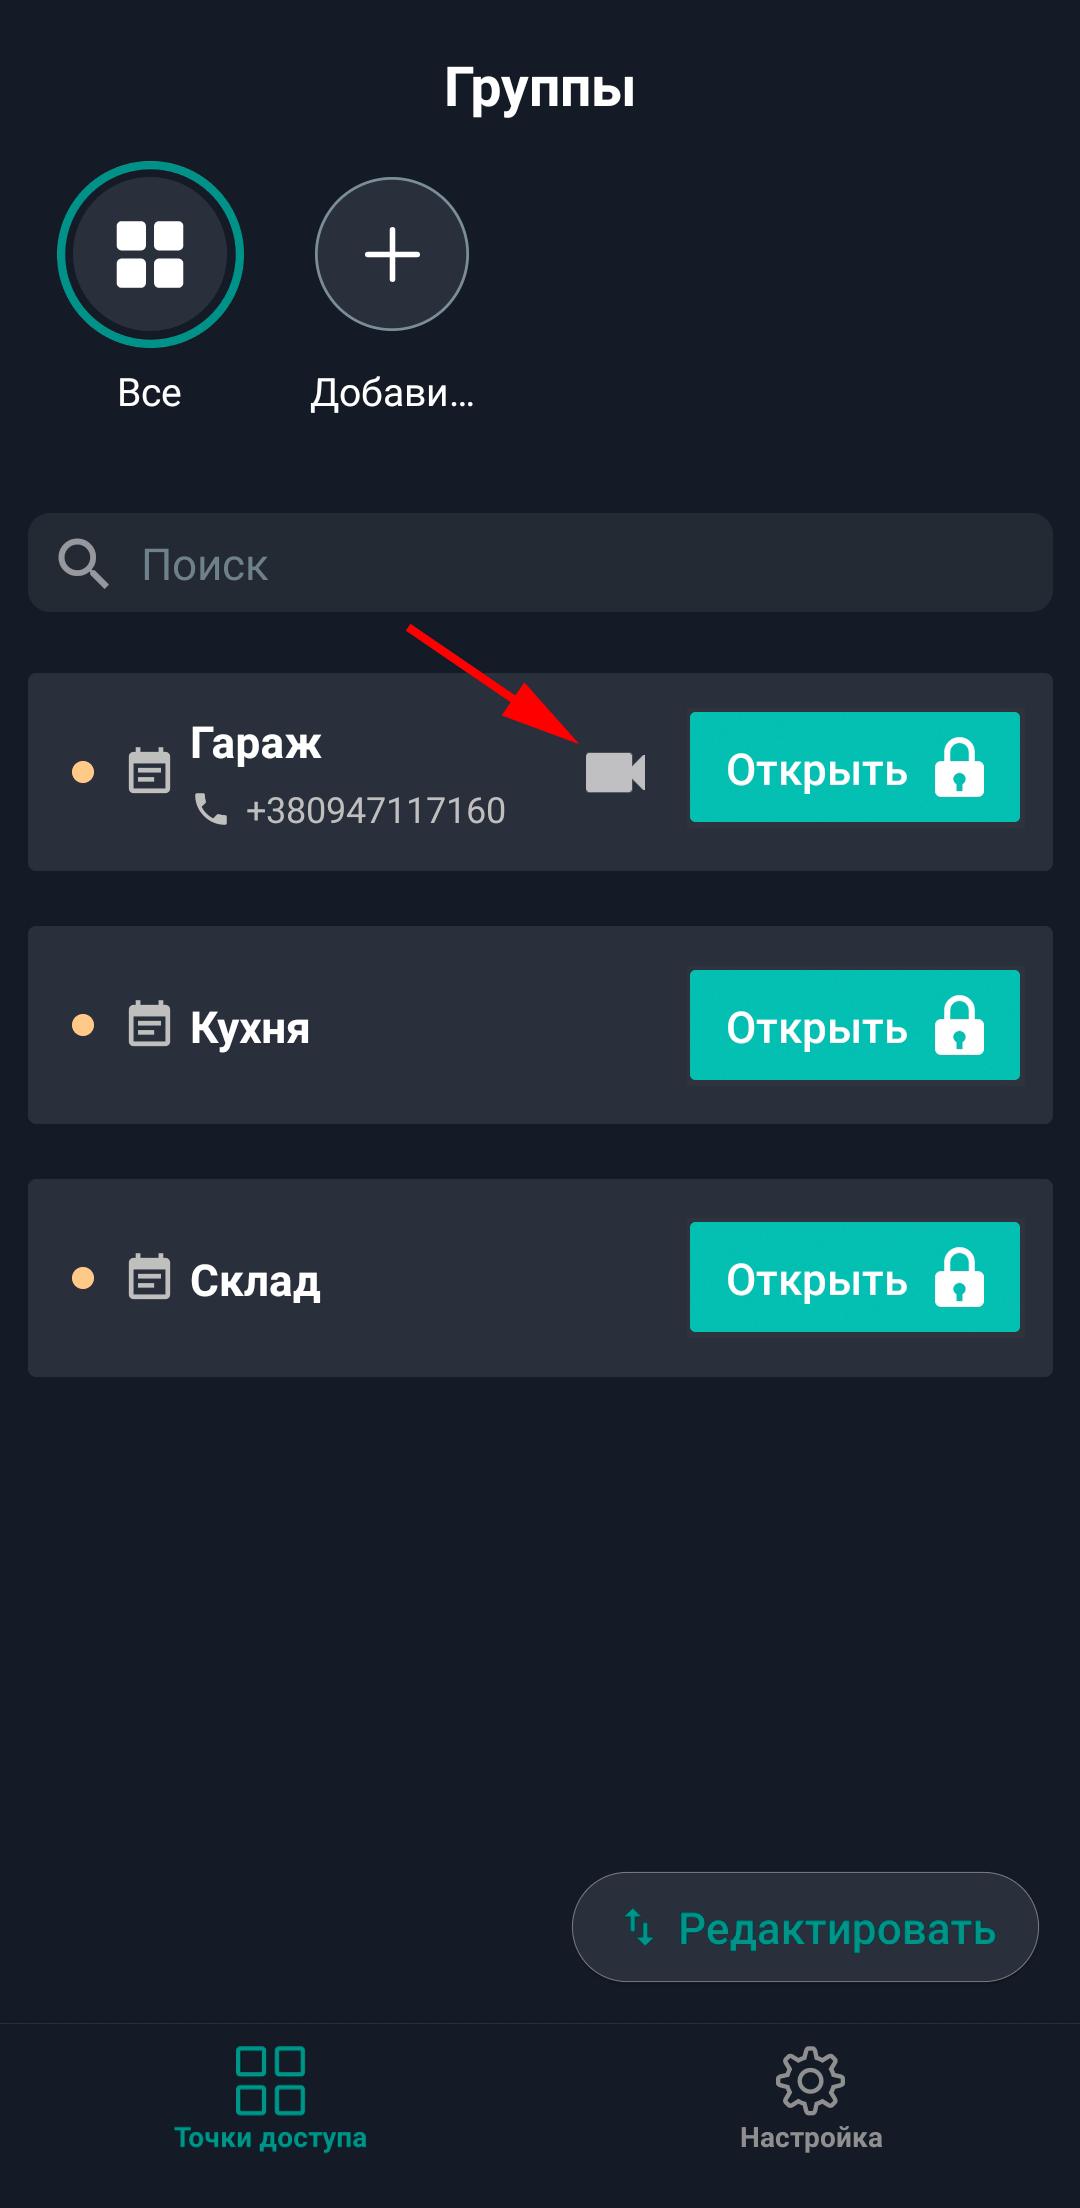 """Экран """"Точки доступа"""" приложения Propuskator"""